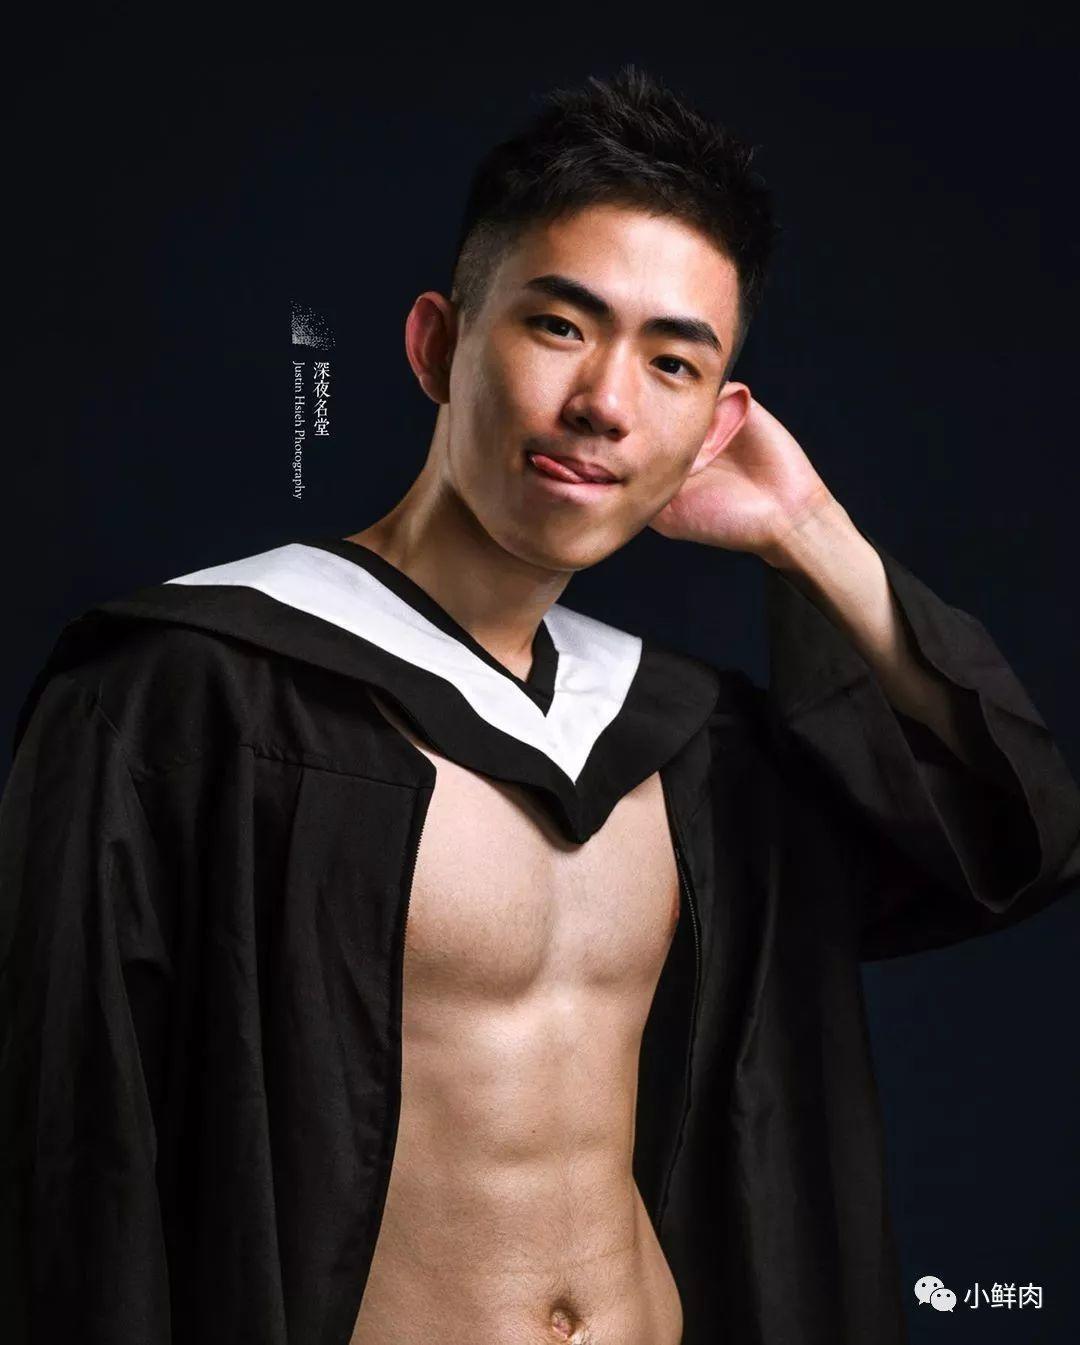 奶凶奶凶小鲜肉毕业硬照一览!